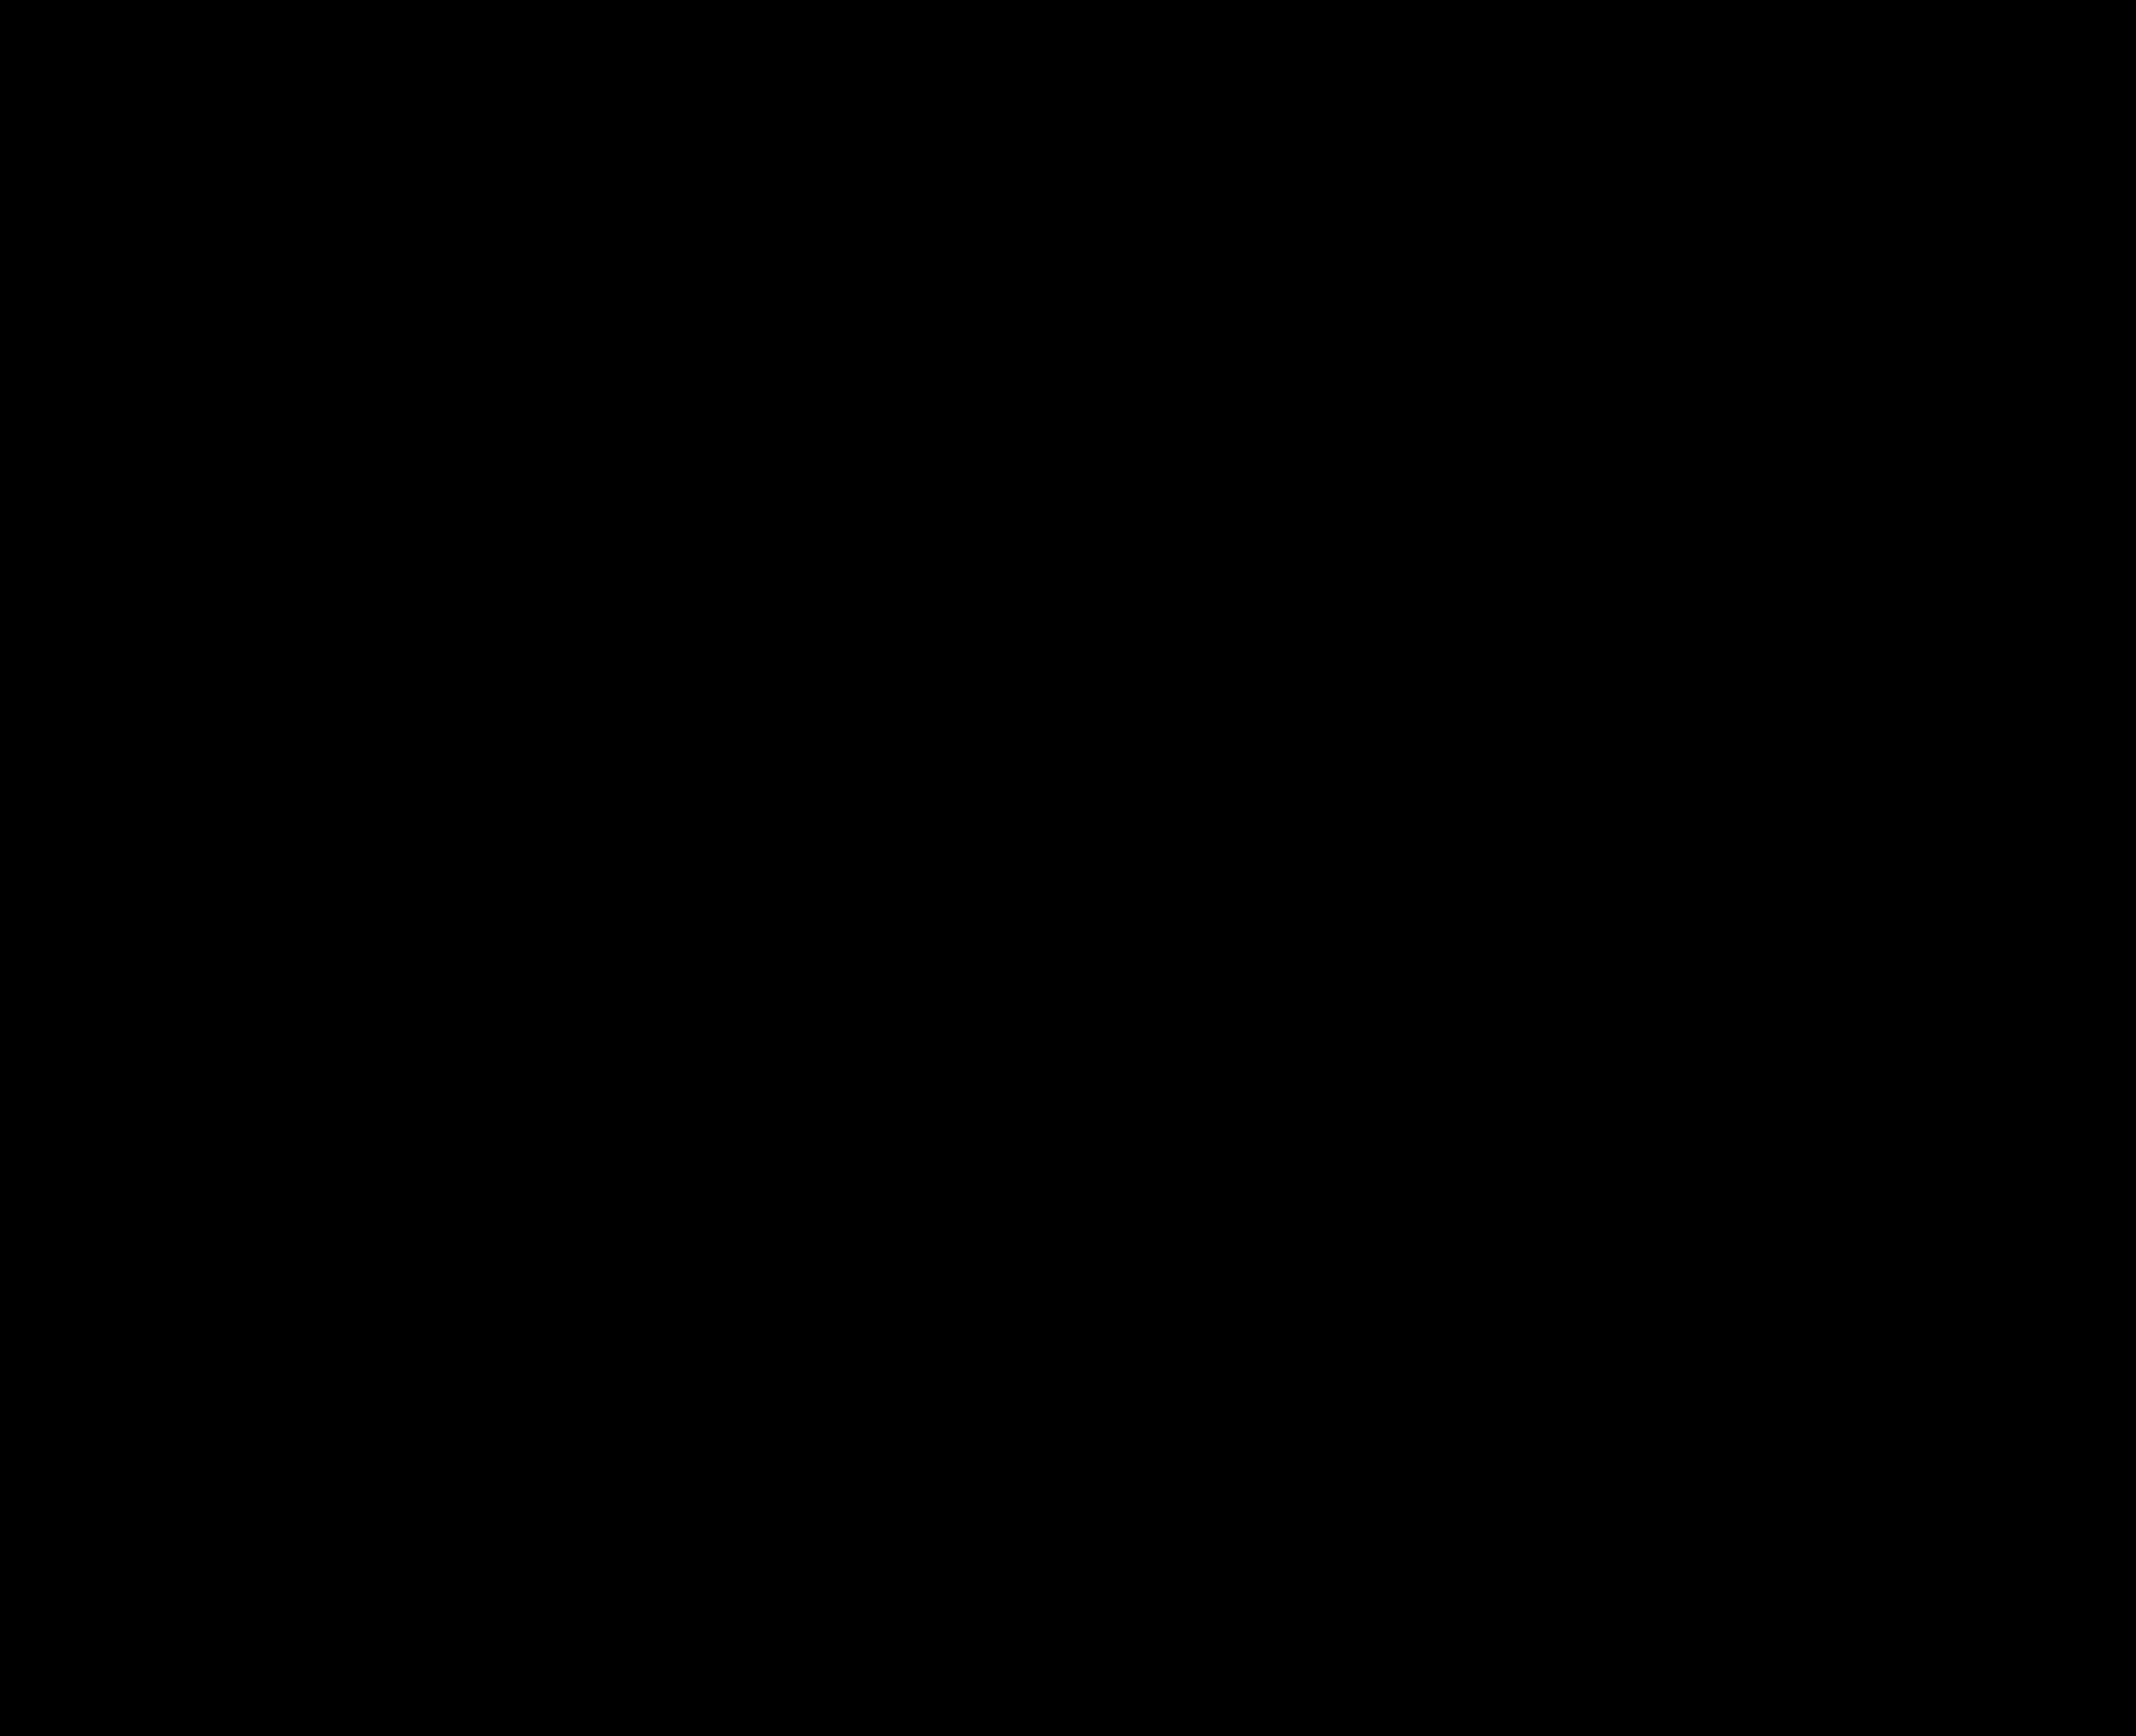 Mapa da rede do equipamento da educação Pré-Escolar